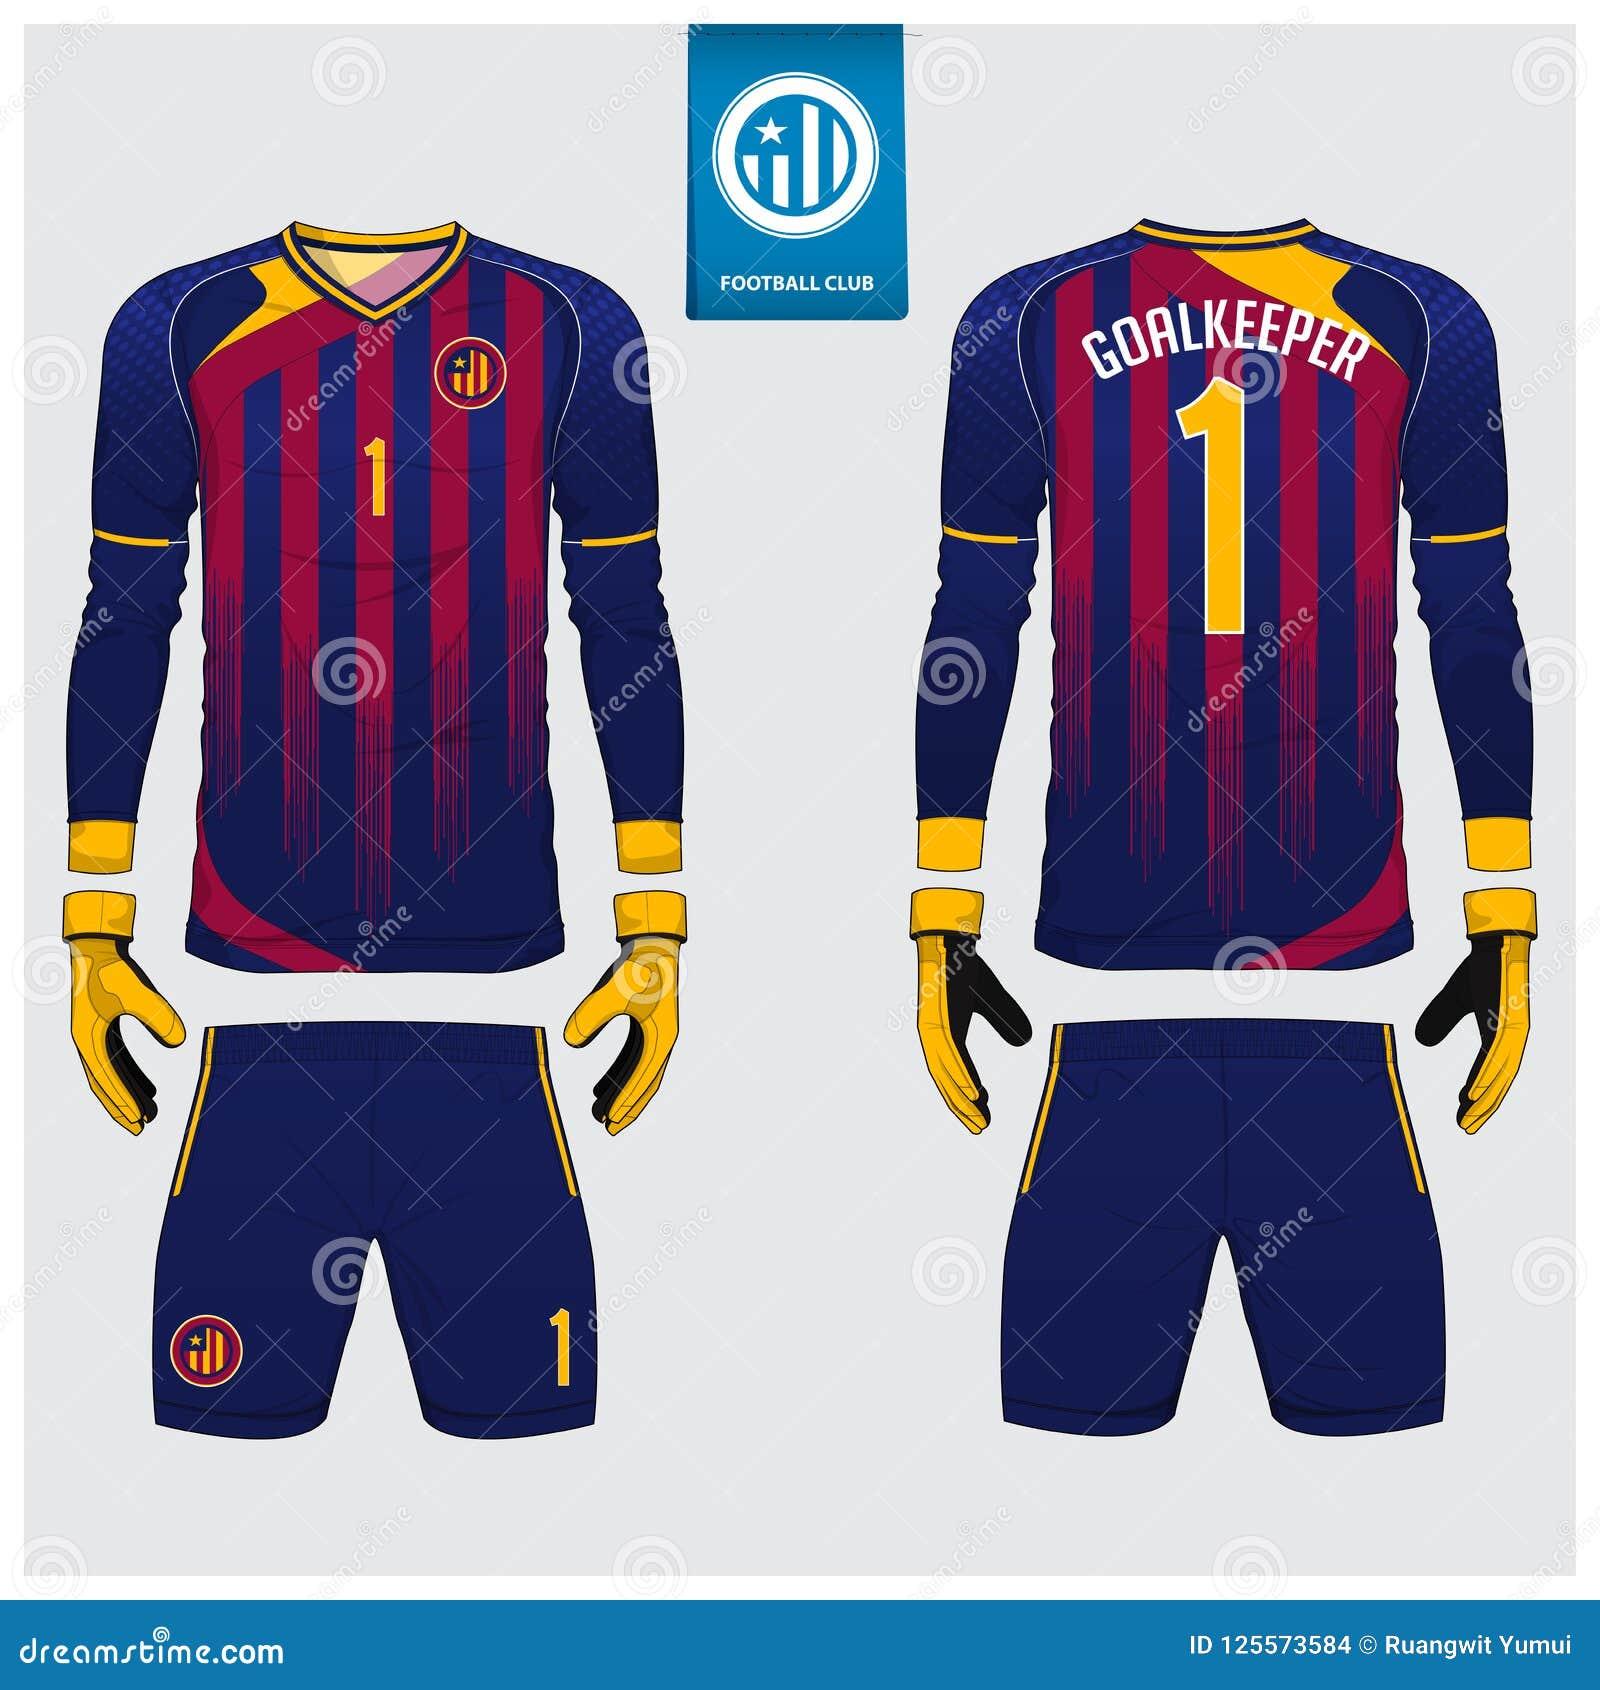 守门员球衣或足球成套工具,长的袖子球衣,守门员手套模板设计 运动衫嘲笑 前面和后面制服